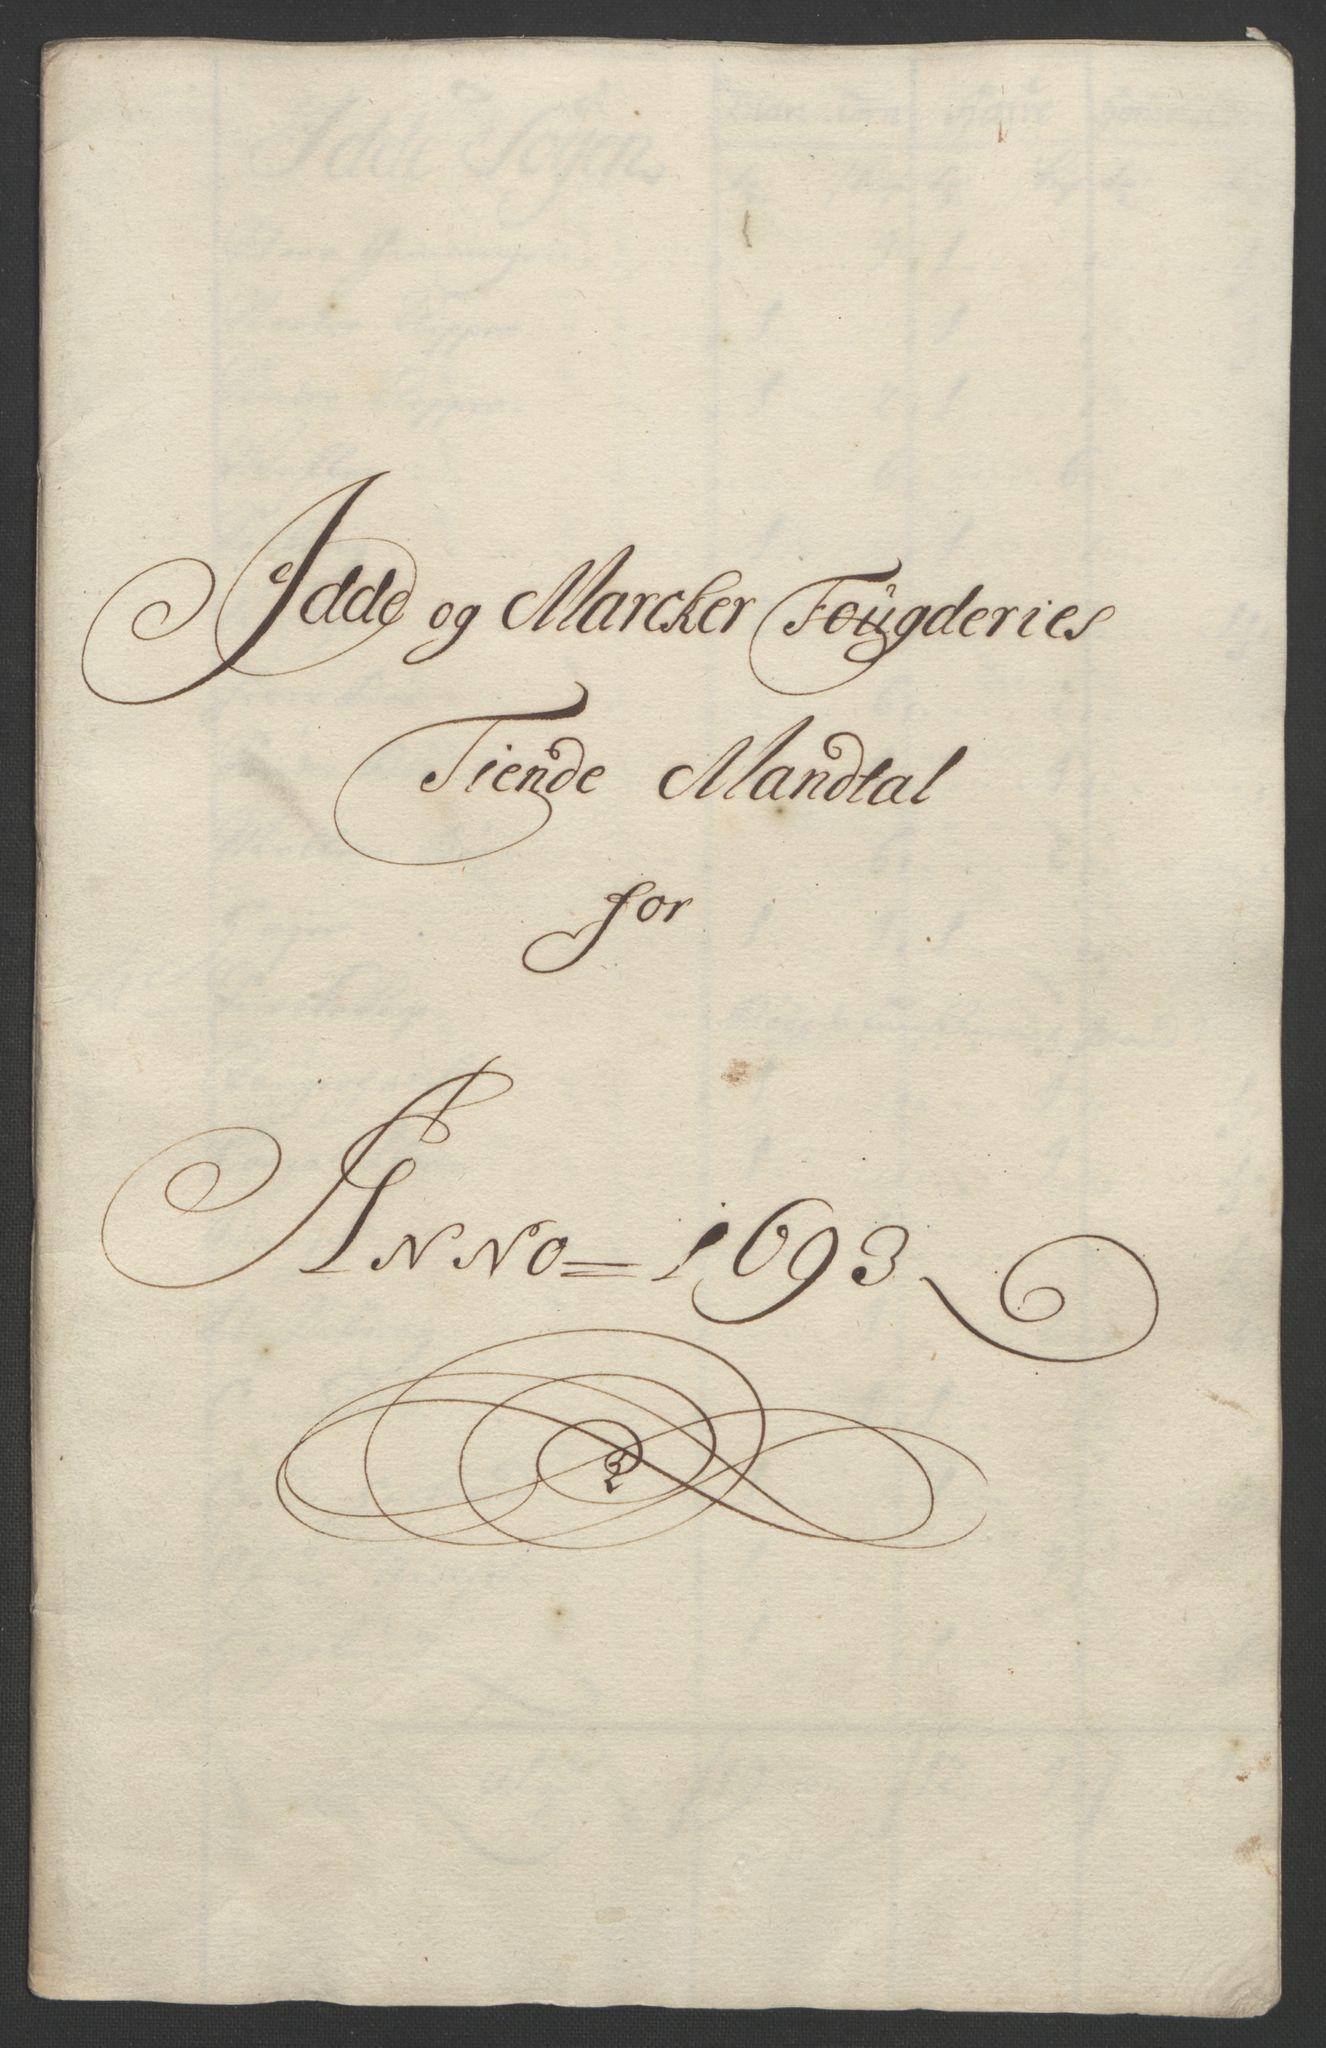 RA, Rentekammeret inntil 1814, Reviderte regnskaper, Fogderegnskap, R01/L0011: Fogderegnskap Idd og Marker, 1692-1693, s. 227